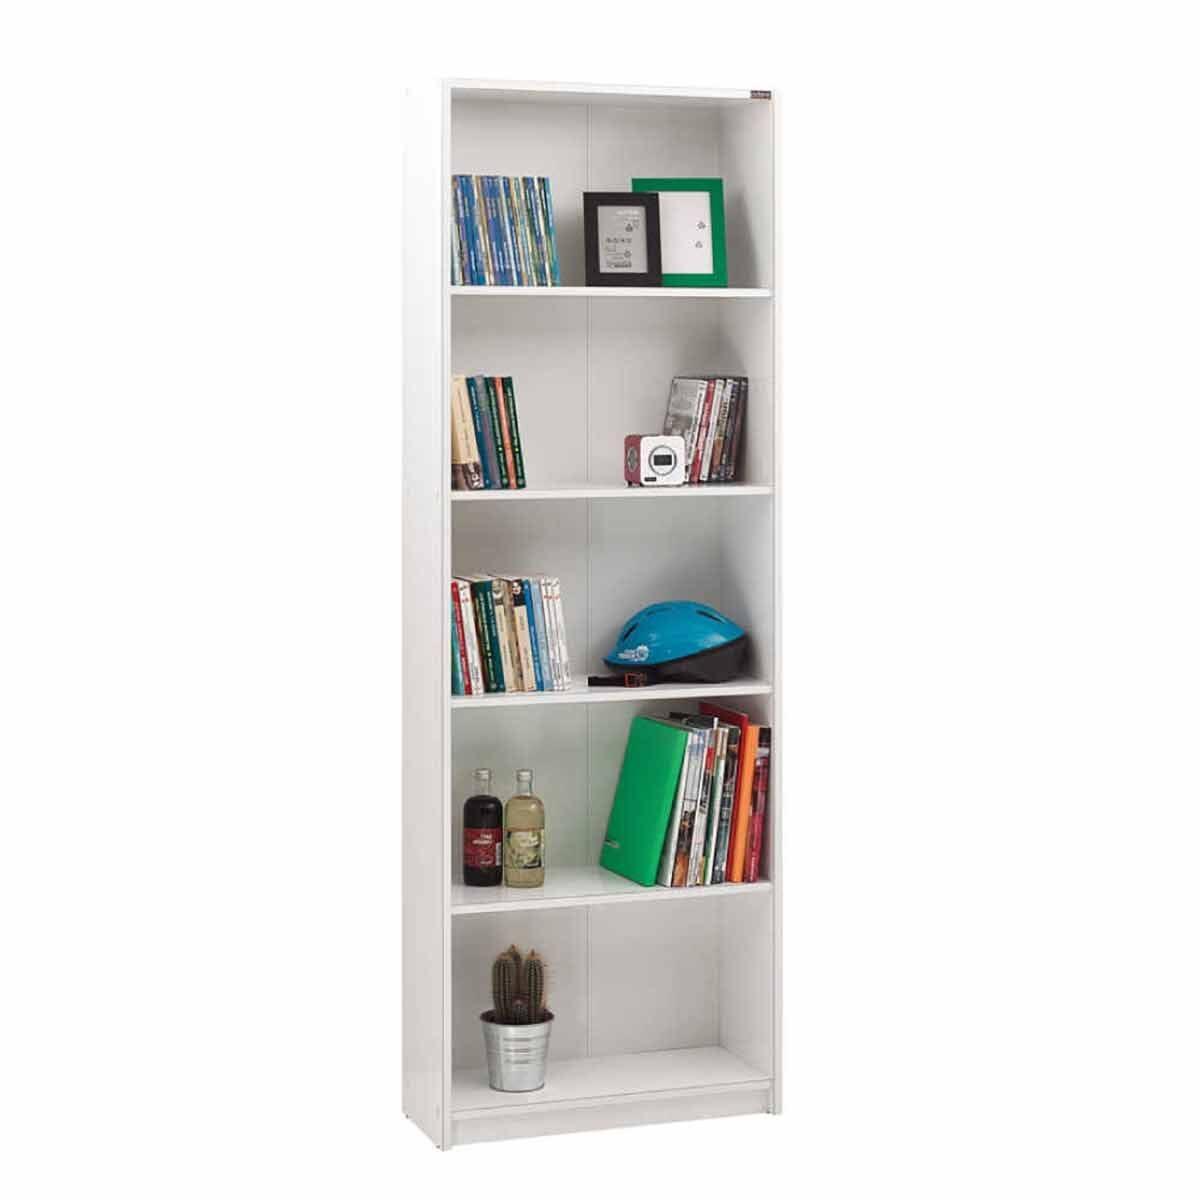 Max 5 Tier Bookcase 170cm Tall